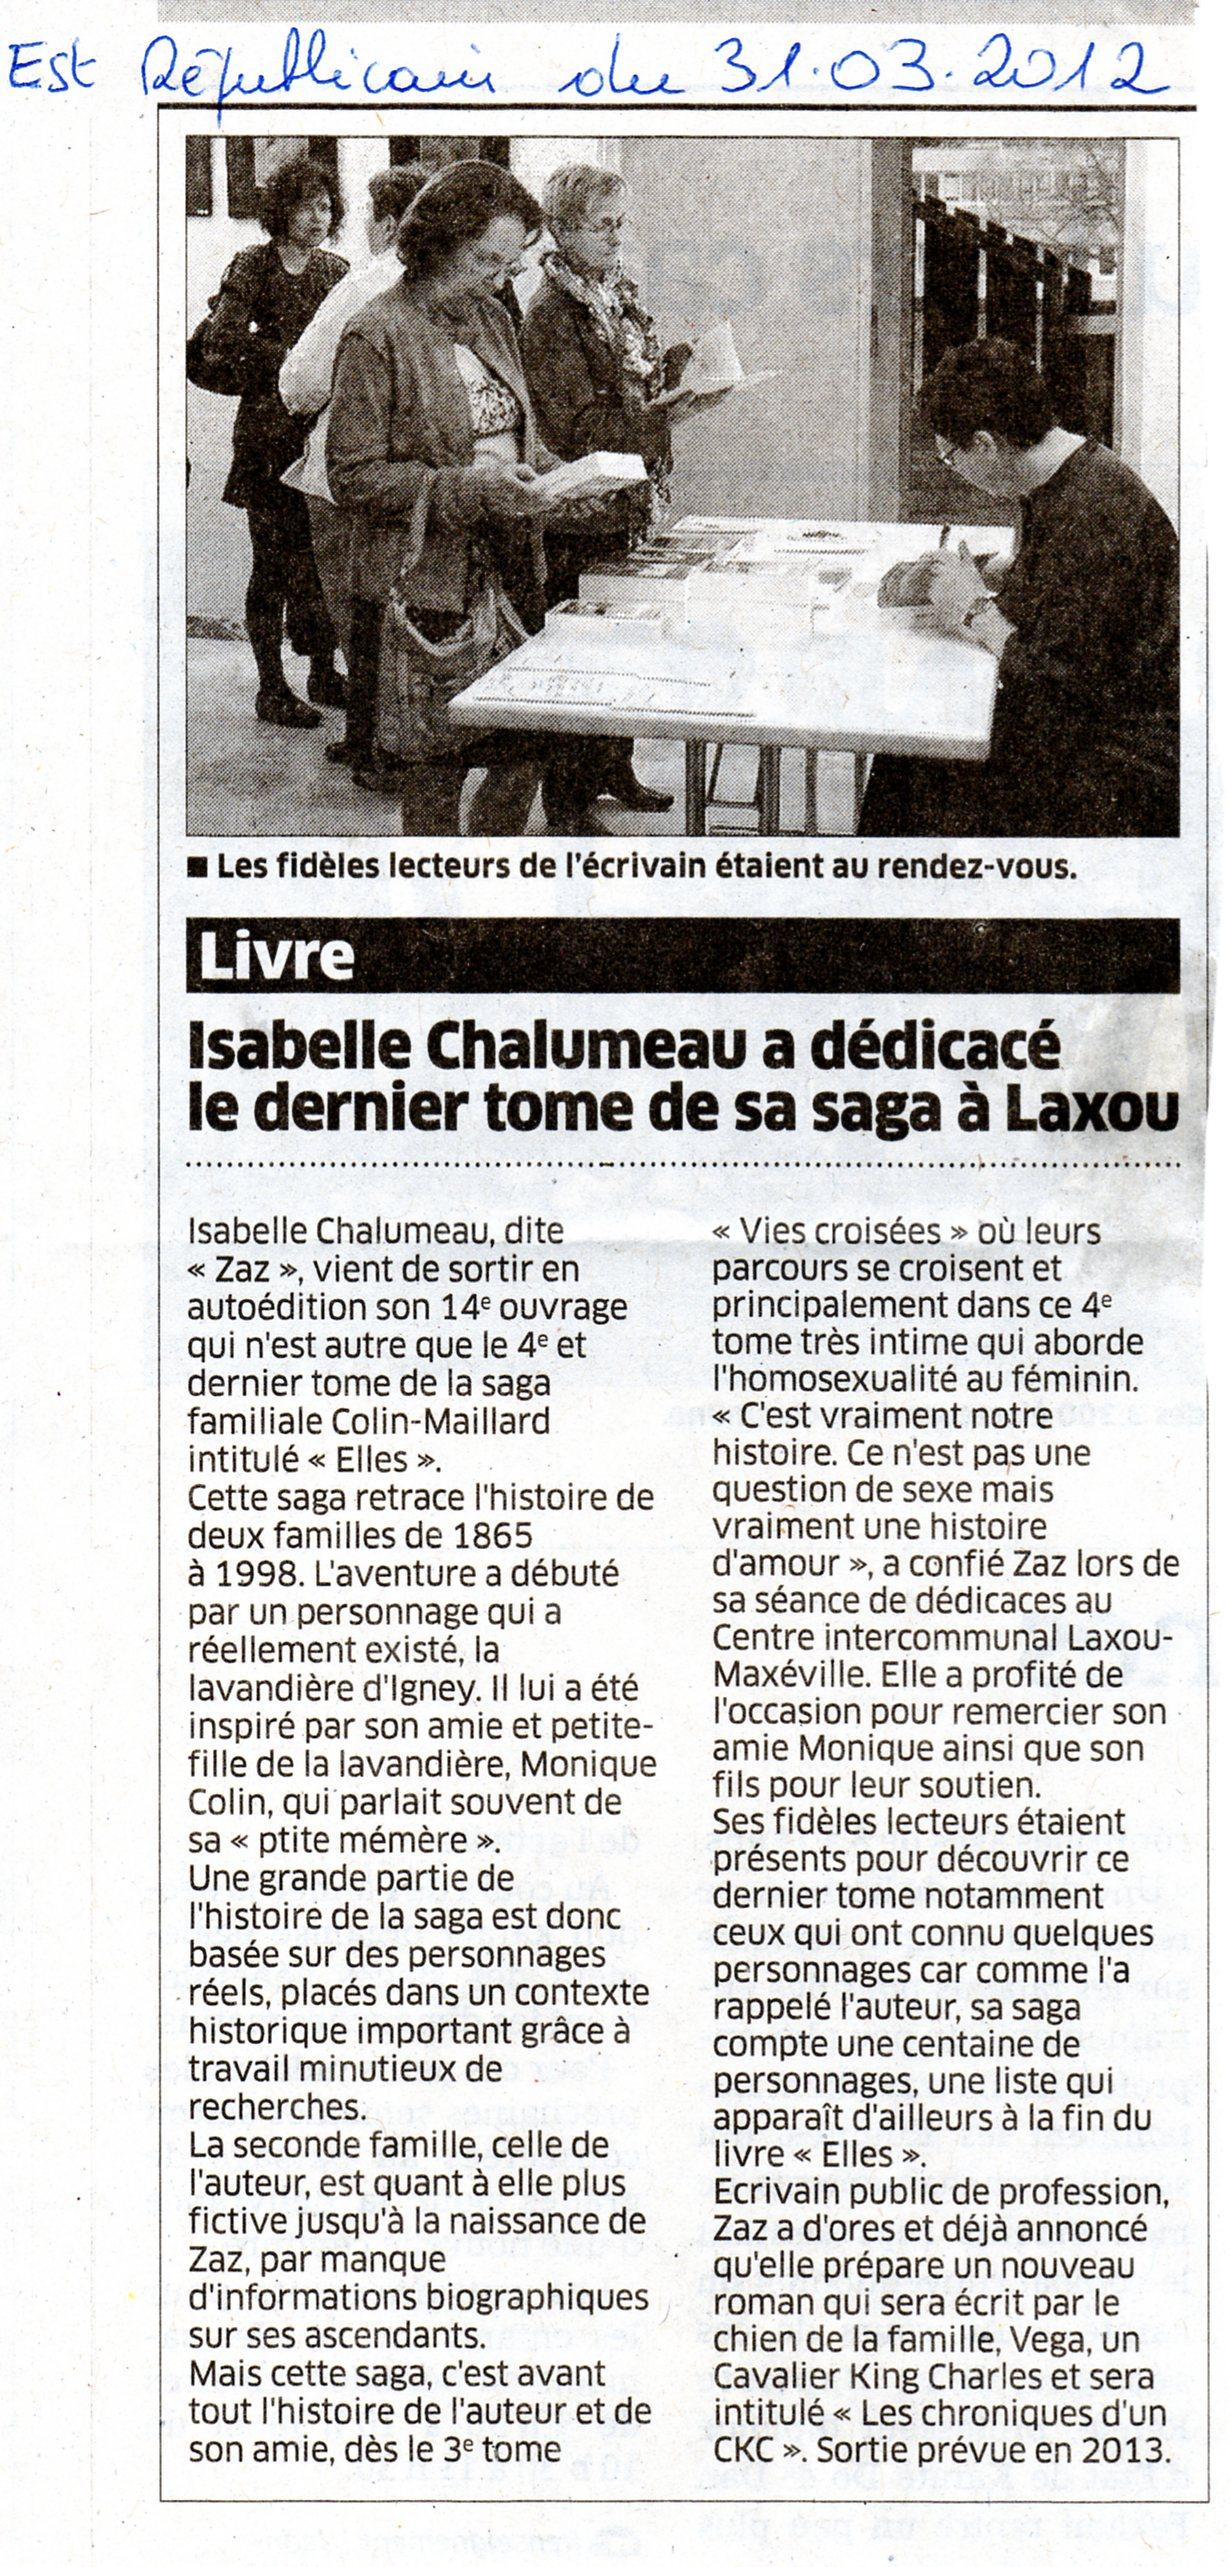 Article de l'Est Républicain du 31 mars 2012 dans Coupures de presse Isa-Laxou-CILM-2012001